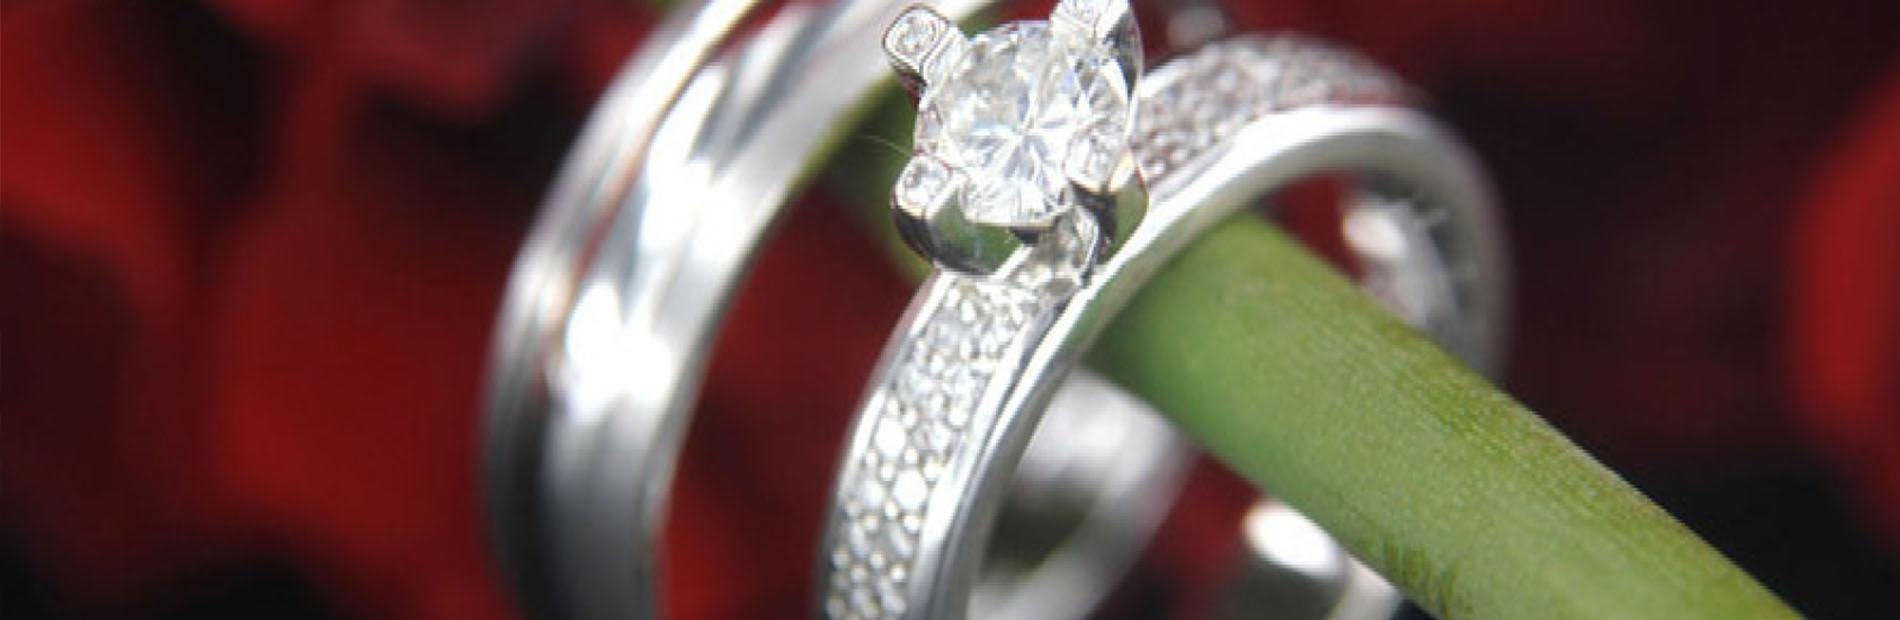 Trouwringen witgouden, diamanten, bijzondere, unieke, exclusieve